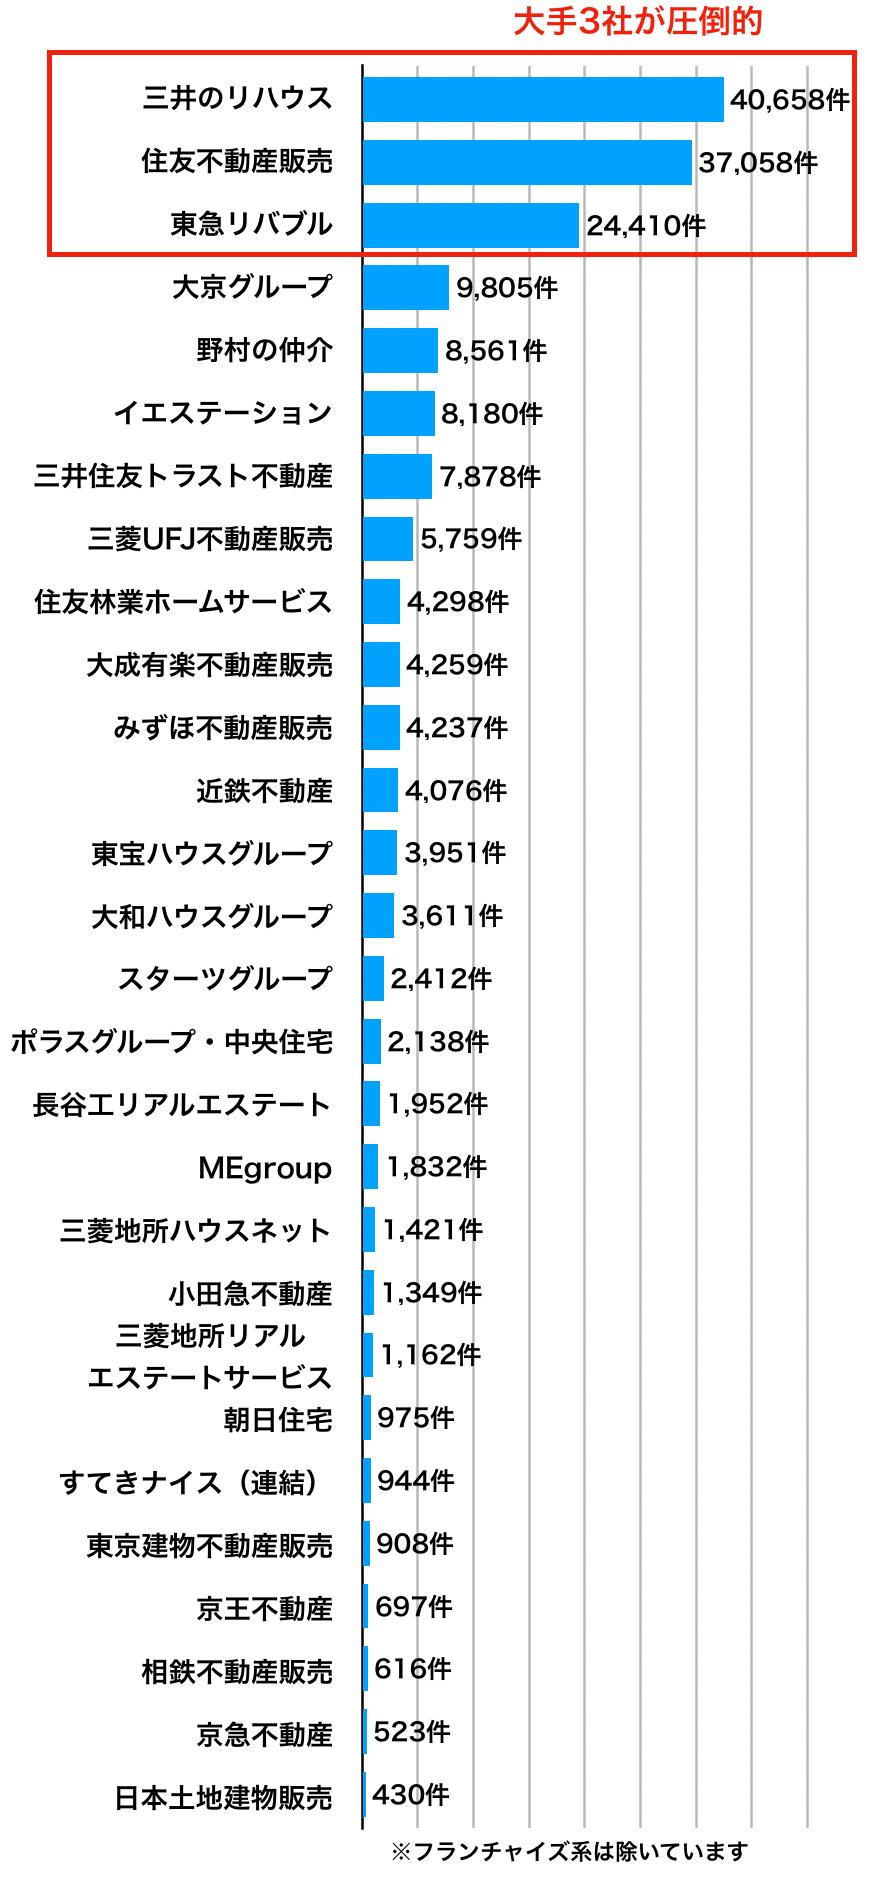 不動産会社の売買仲介件数ランキング2018